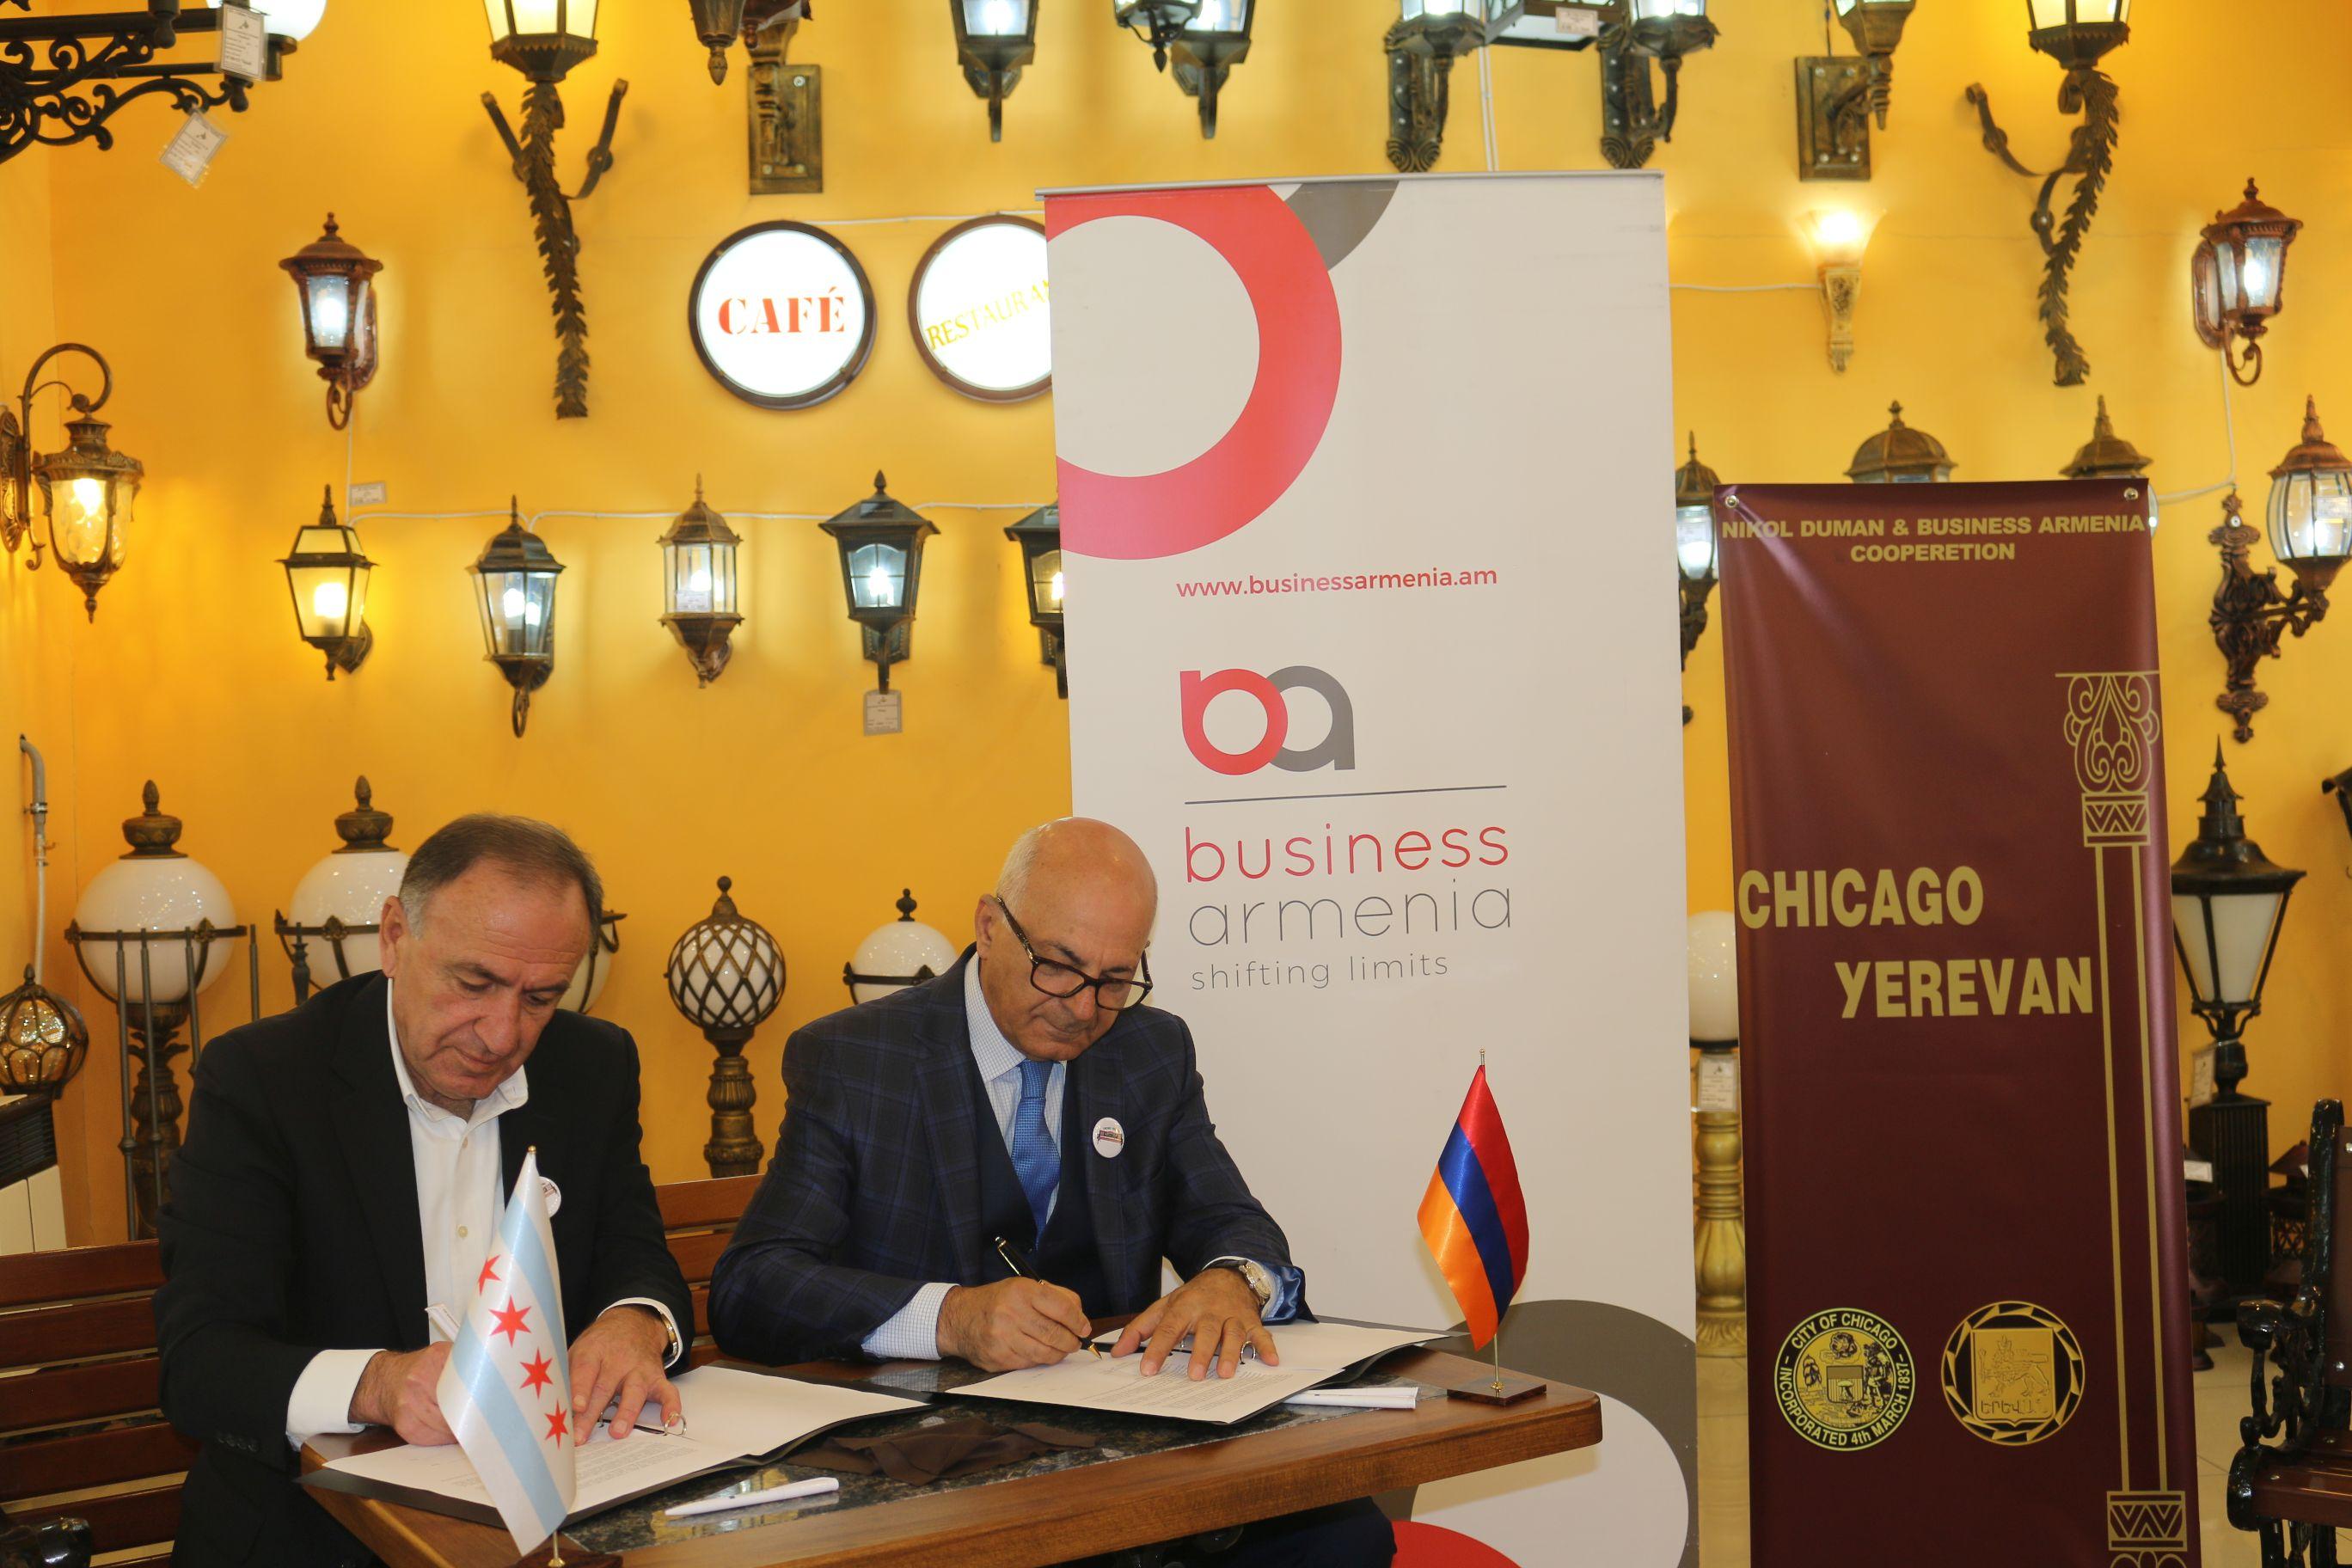 ԱՄՆ մի շարք քաղաքներում Հայաստանի մասին հուշող անկյուններ կբացվեն